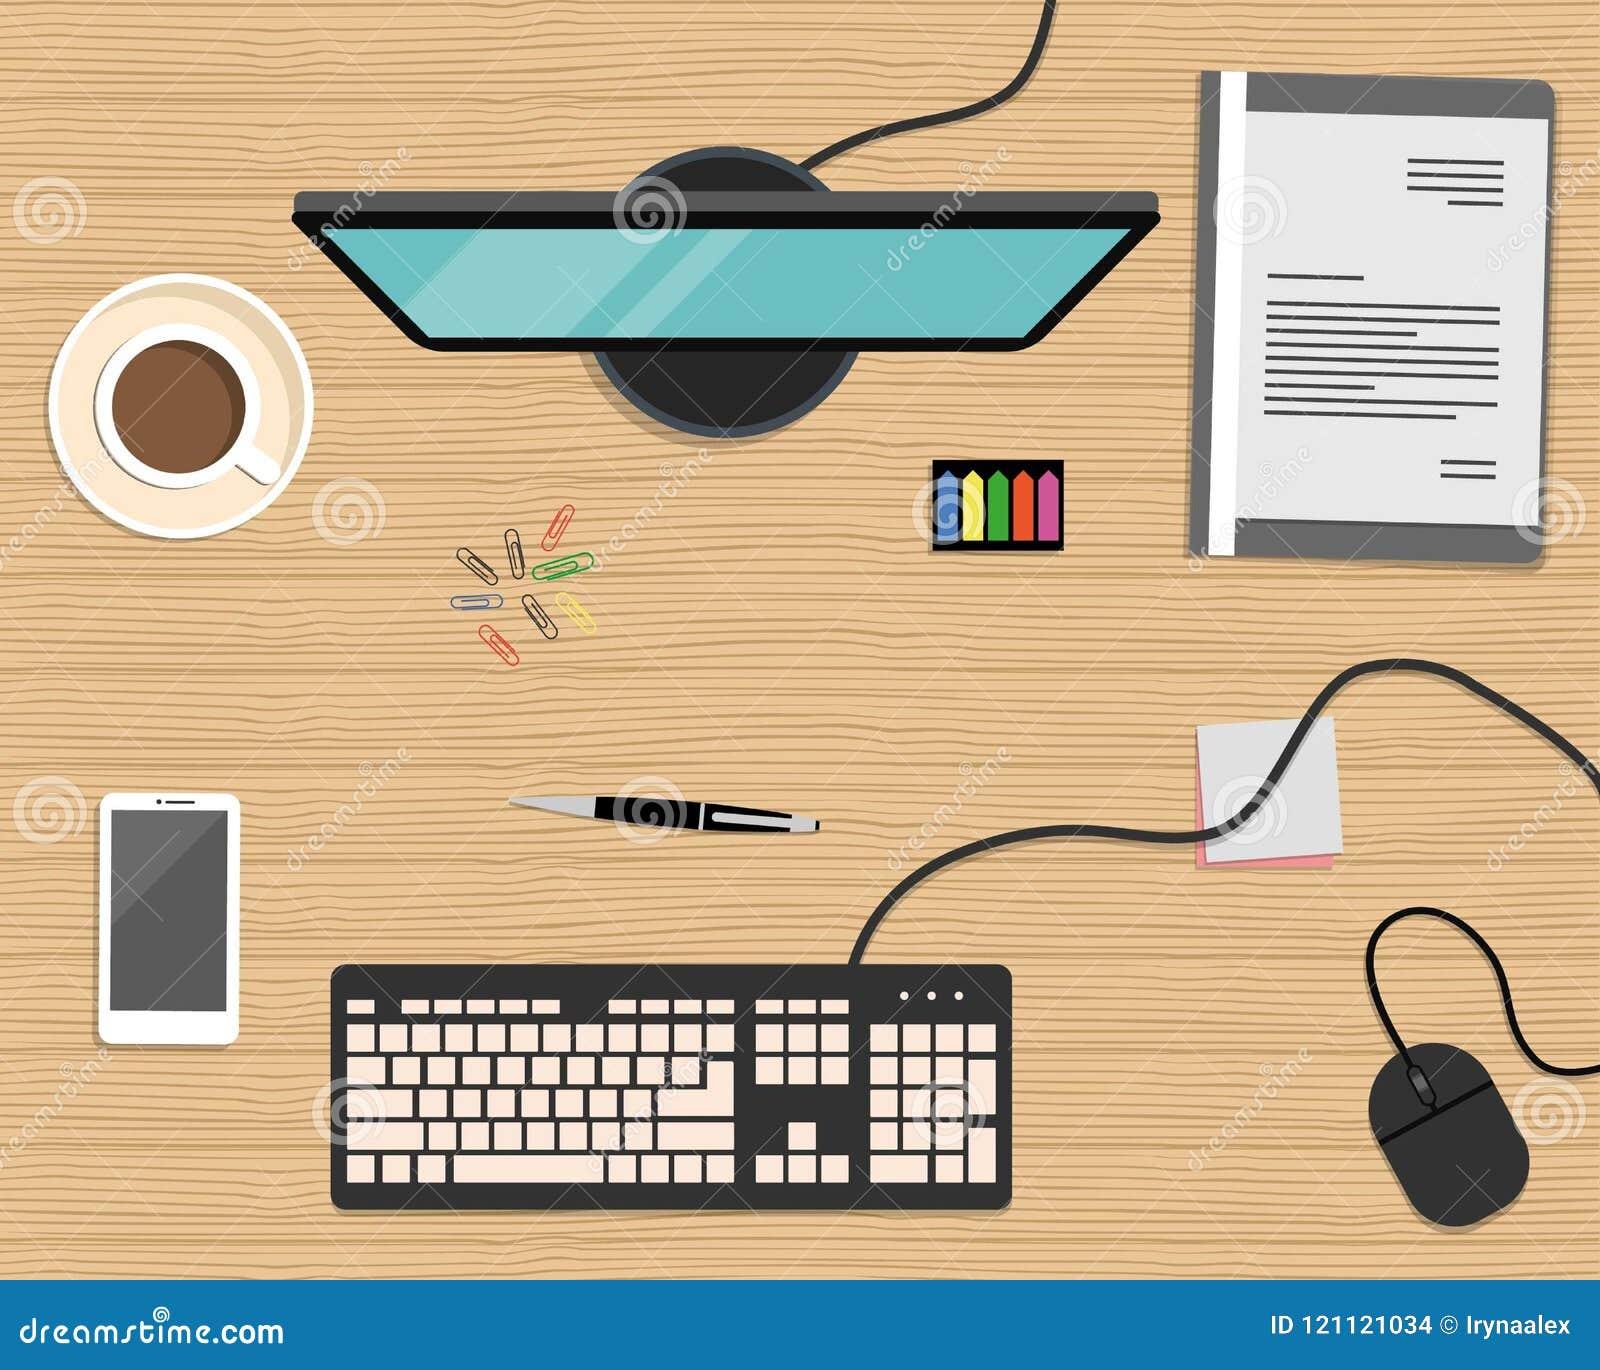 Τοπ άποψη ενός υποβάθρου γραφείων Υπάρχει ένας υπολογιστής, ένα έξυπνο τηλέφωνο, ένας γκρίζος φάκελλος, χαρτικά και ένα φλιτζάνι